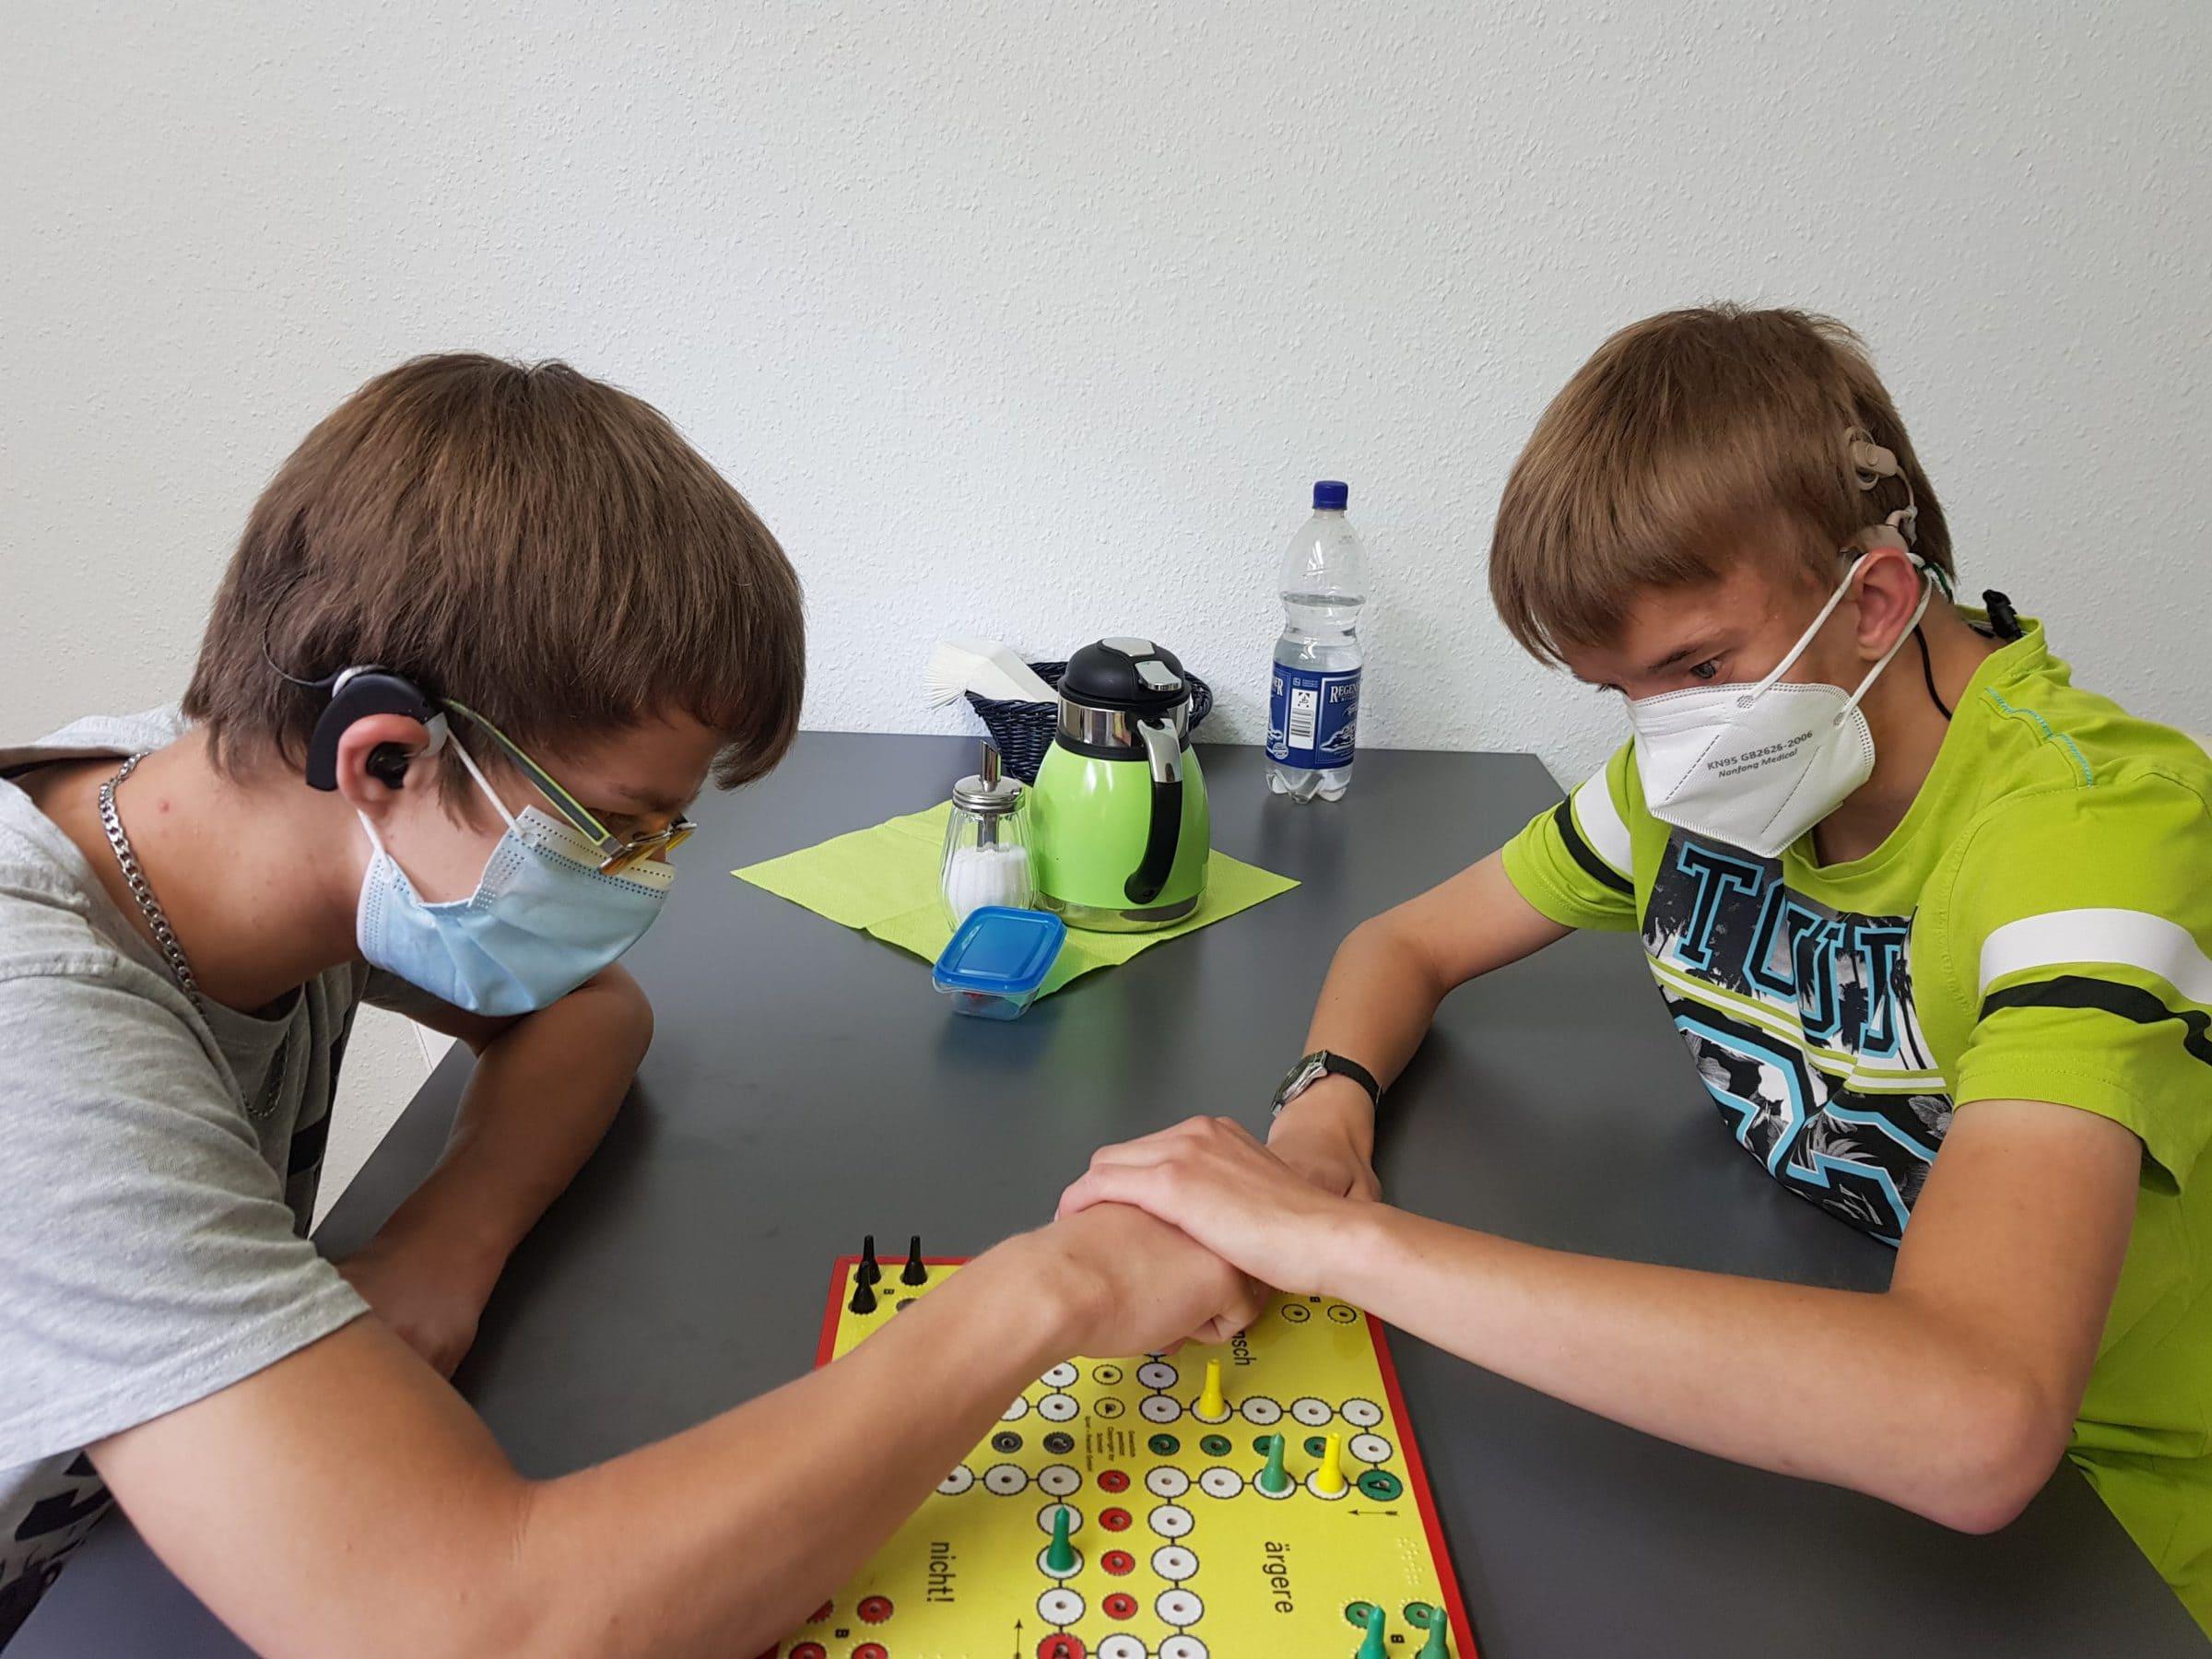 Bewohner mit Taubblindheit in der Wohntrainingsgruppe spielen ein Brettspiel